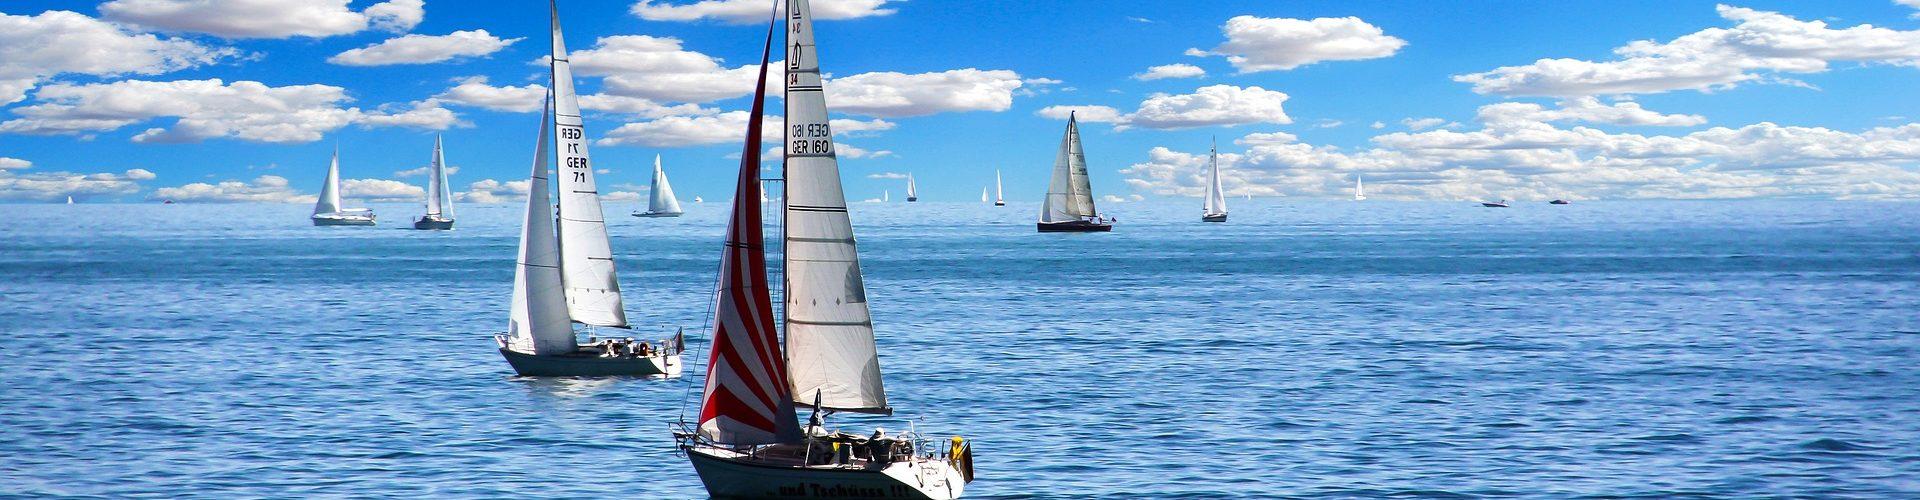 segeln lernen in Büsum segelschein machen in Büsum 1920x500 - Segeln lernen in Büsum